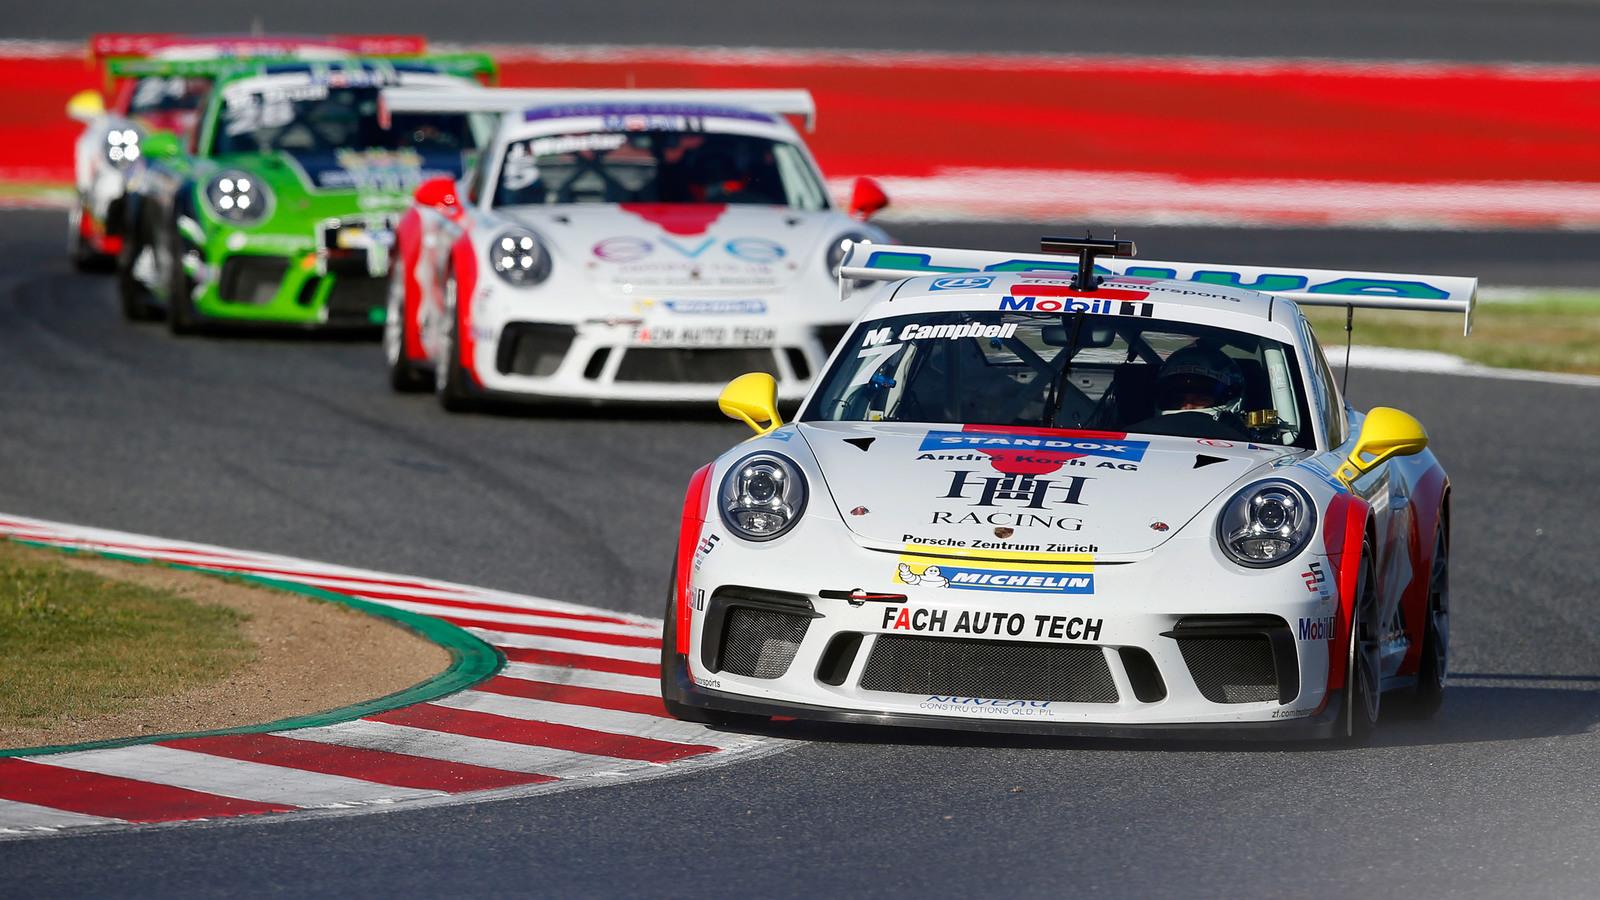 Porsche Pre Owned >> Porsche Gallery - Porsche Middle East